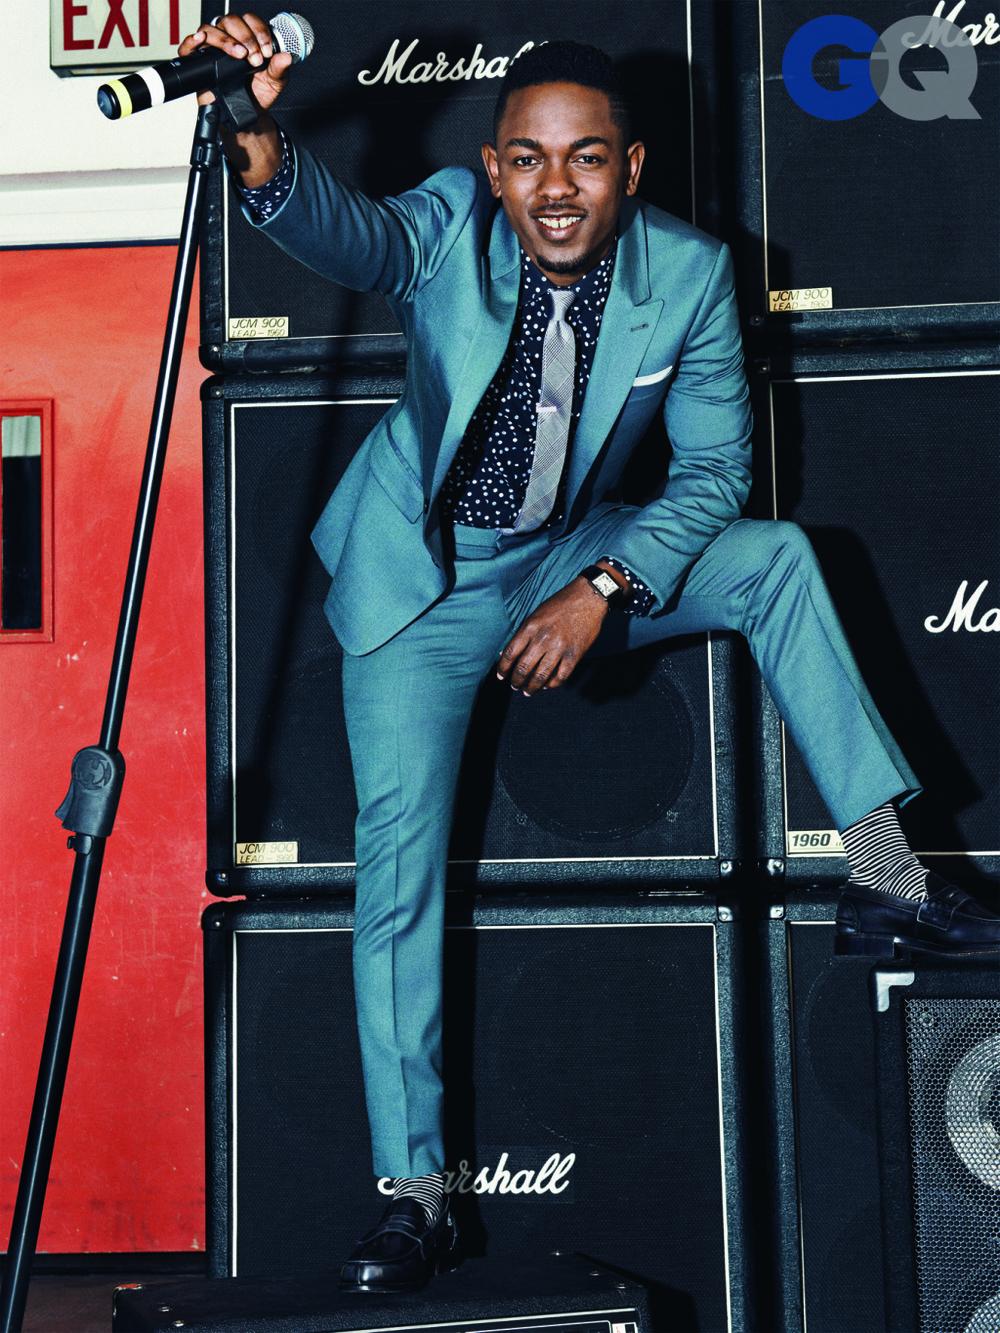 Kendrick Lamar foi outro cara que se destacou bastante na música. E não só pelo seu som. Seu figurino que não lembra em nada os rappers tradicionais, com roupas largas e acessórios cheios de brilho, encantou até quem não gosta de hip-hop.